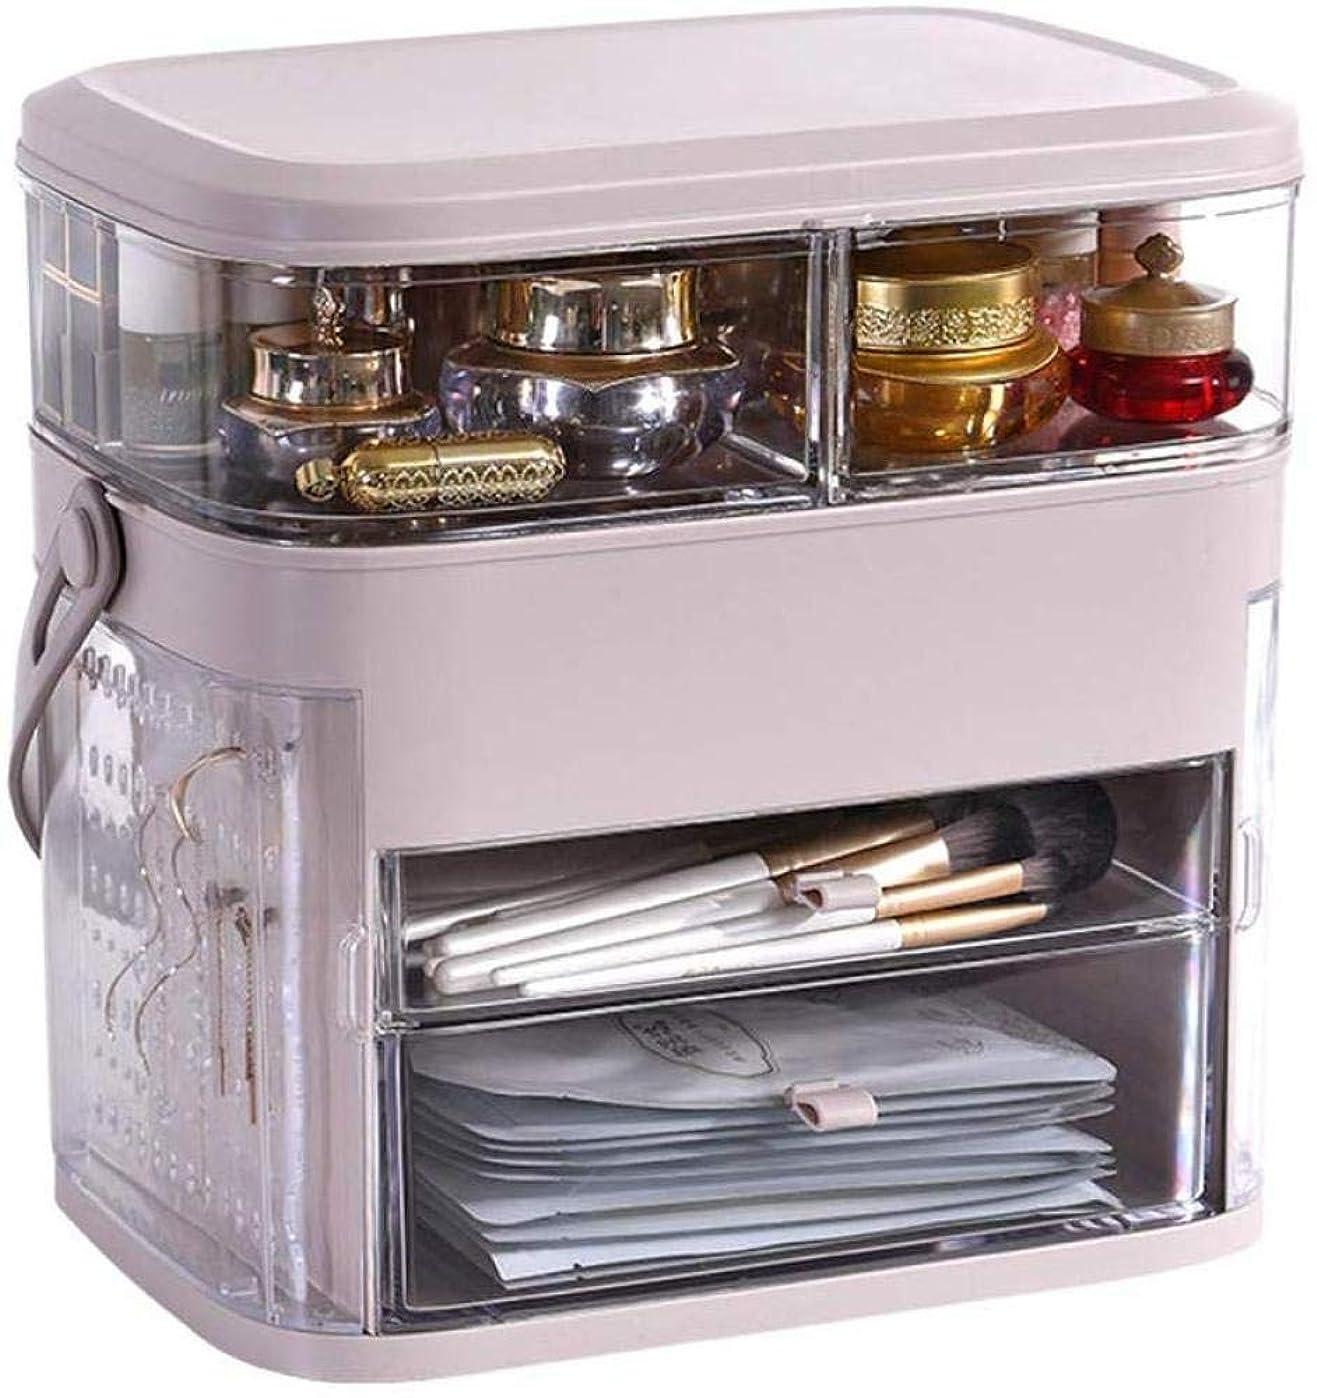 イブ職人歌詞コンパクトドレッシングテーブルオーガナイザードレッシングテーブル、強力なメイクアップオーガナイザー、メイクアップ用の丈夫なプラスチック製収納ボックス,Pink